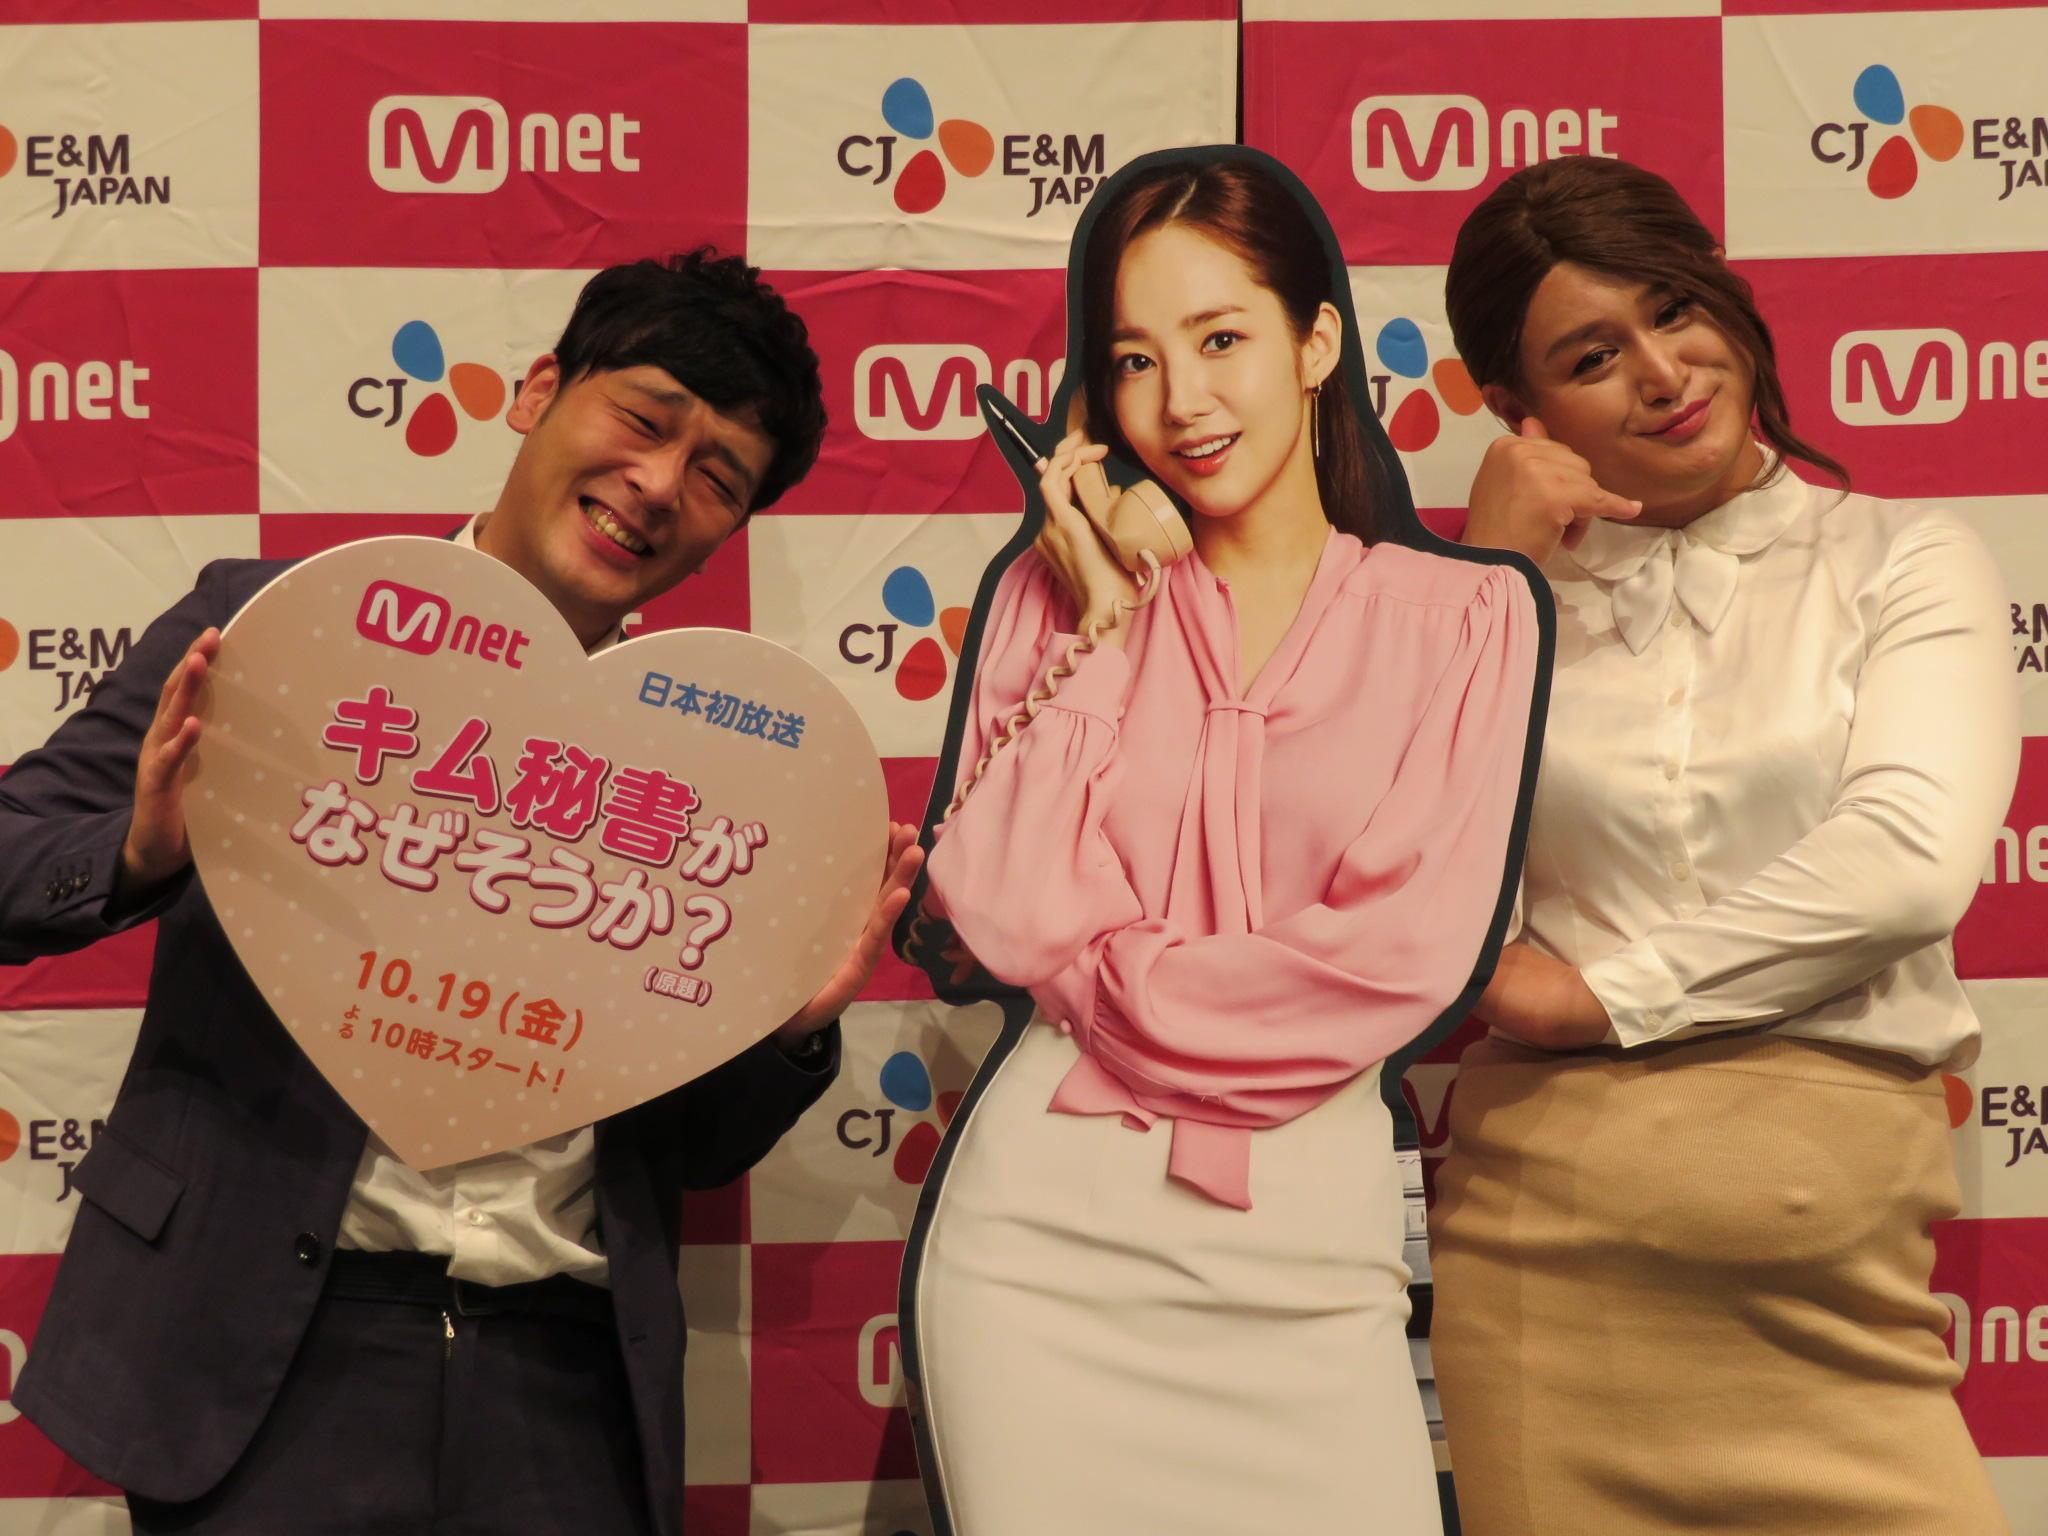 http://news.yoshimoto.co.jp/20181004234455-9979b37177a6efddd61b8f92278c8bbd89ce5b22.jpg